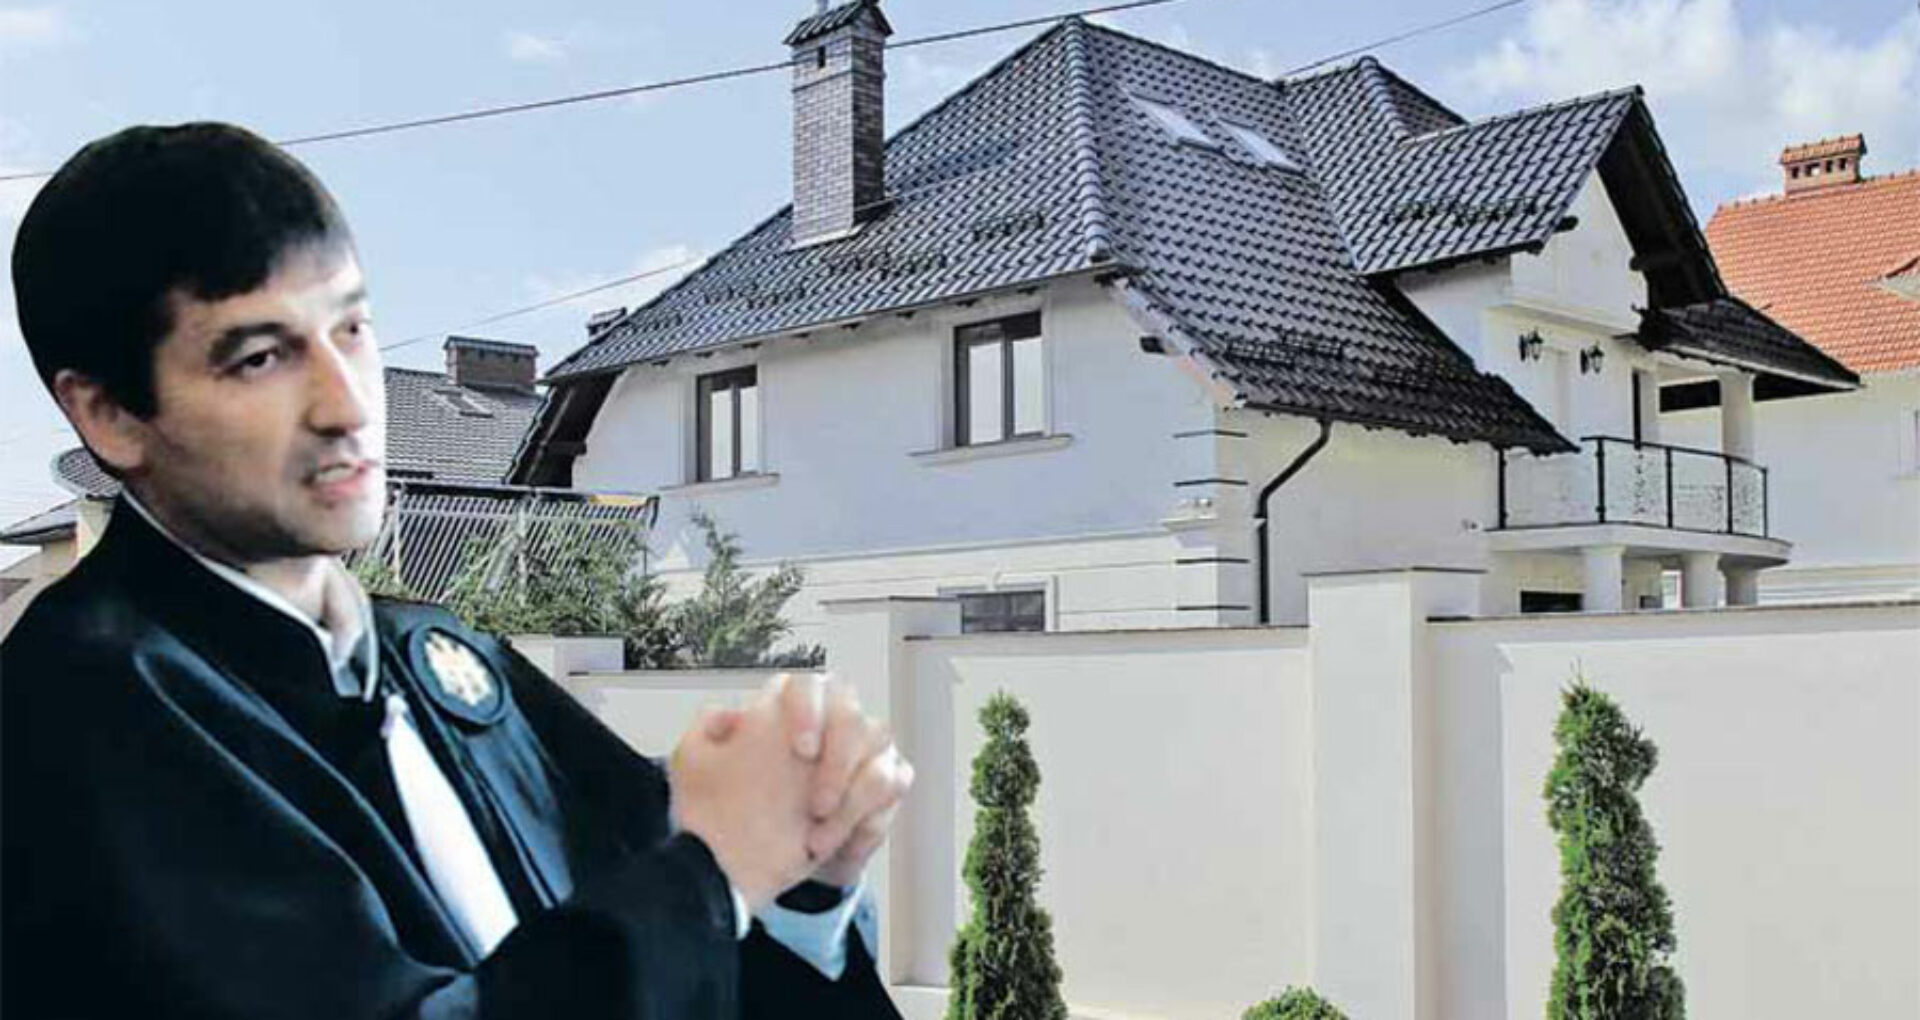 DOC/ Fostul judecător Oleg Sternioală a cerut strămutarea dosarului, în care cere anularea hotărârii CSM prin care a fost dat acordul să fie urmărit penal pentru îmbogățire ilicită, la o altă instanță egală în grad